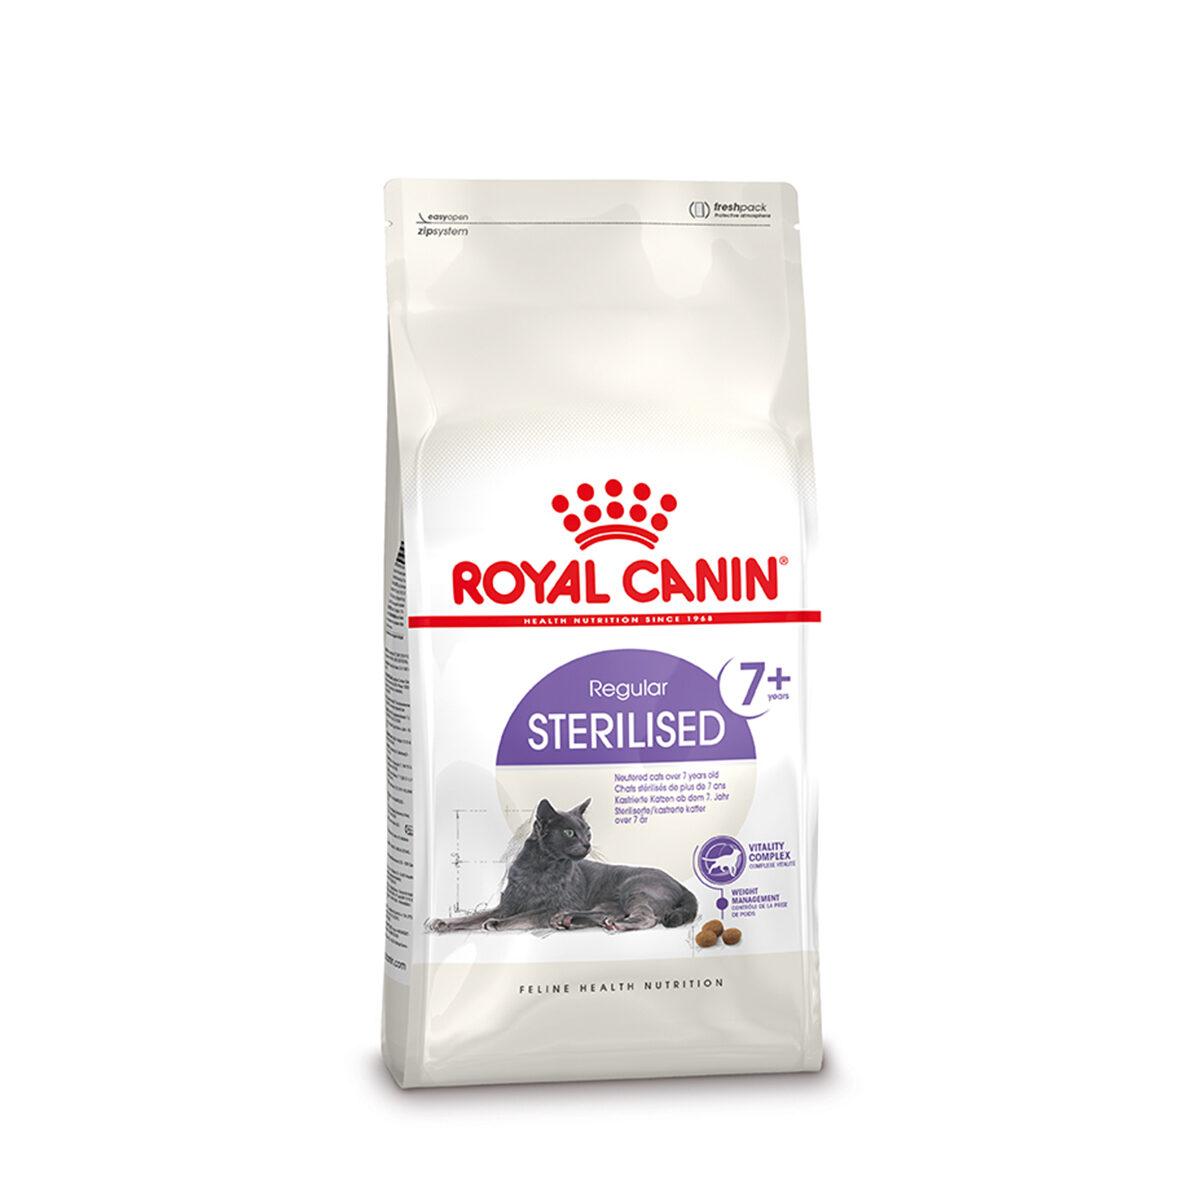 Royal Canin Sterilised 7+ Kattenvoer 3,5 kg